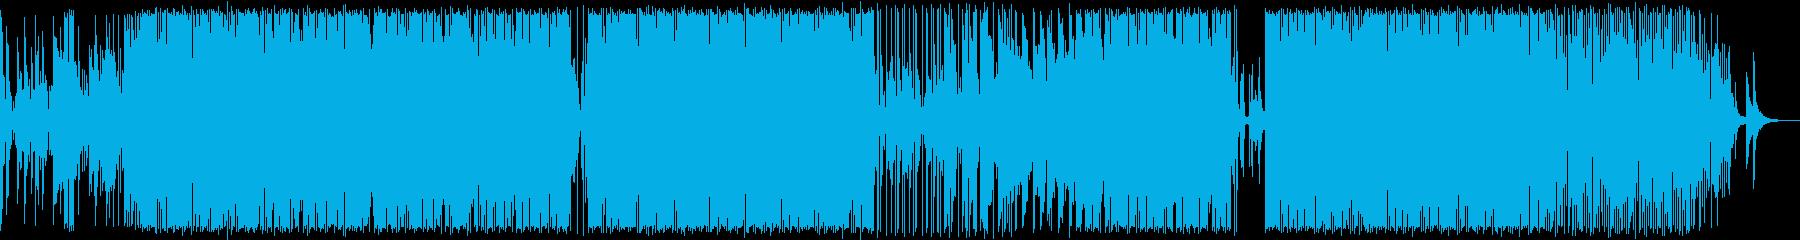 ピアノの旋律にこだわったR&B調BGMの再生済みの波形